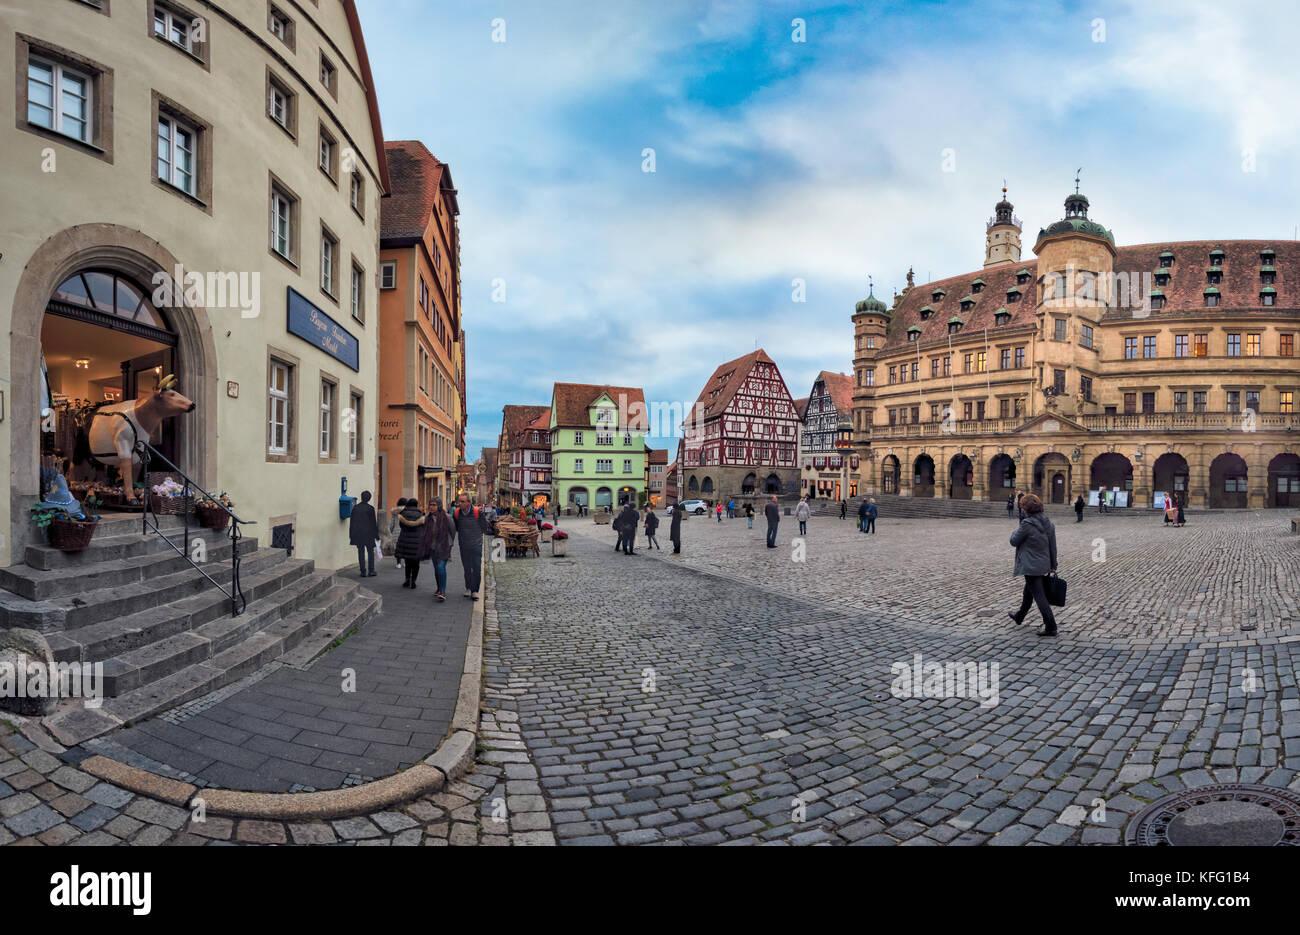 ROTHENBURG, ALLEMAGNE - 24 octobre 2017: profitez d'un des touristes non identifiés à travers Photo Stock